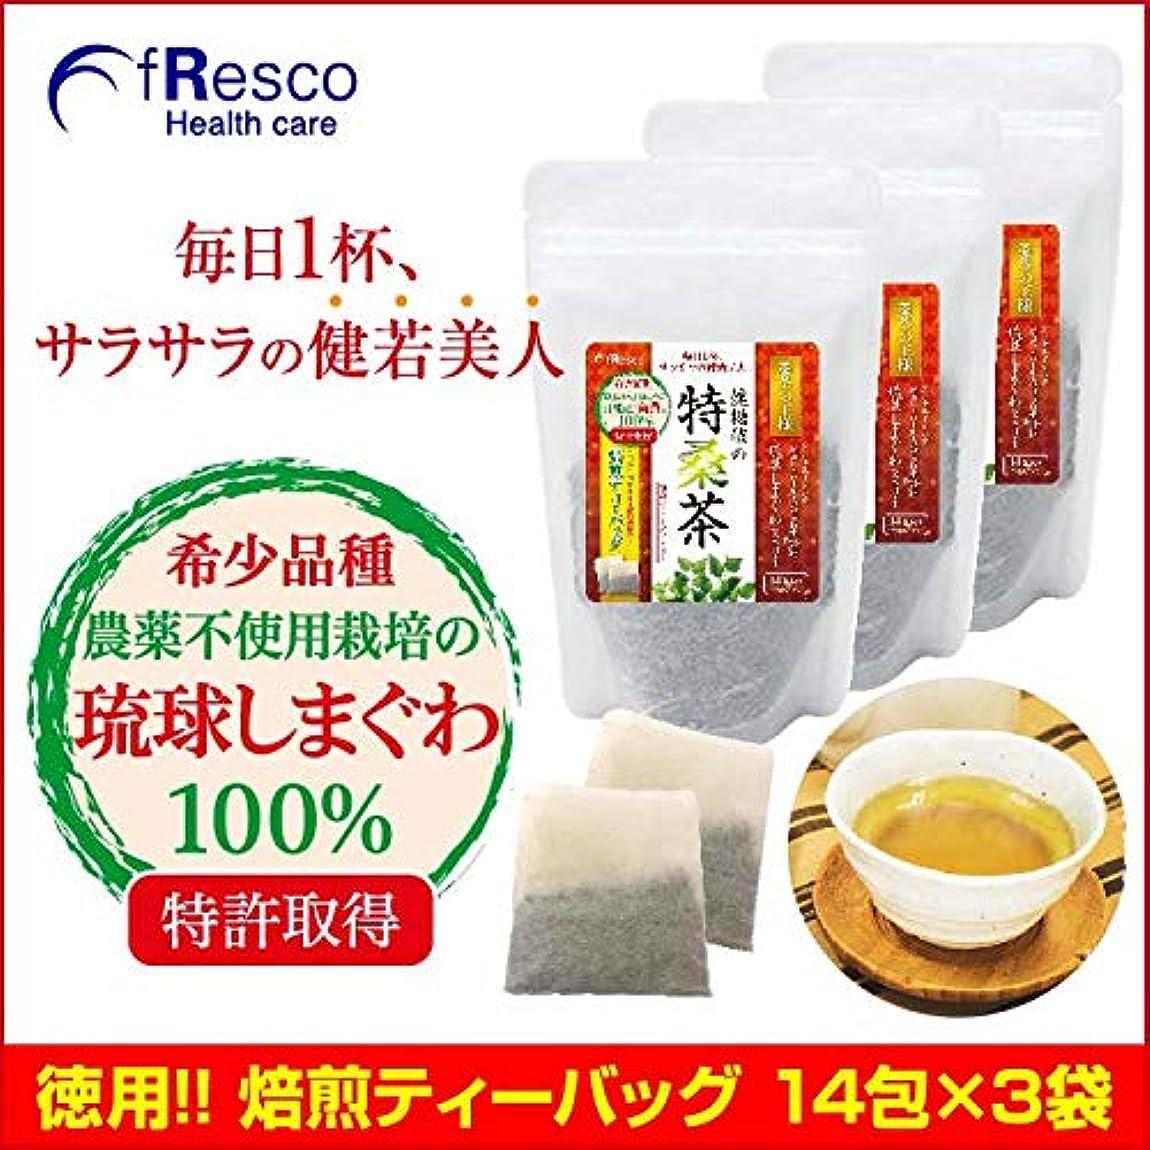 食い違いプールスタンド琉球しまぐわ 健糖値の特桑茶 焙煎ティーバック 90日分(3個セット)